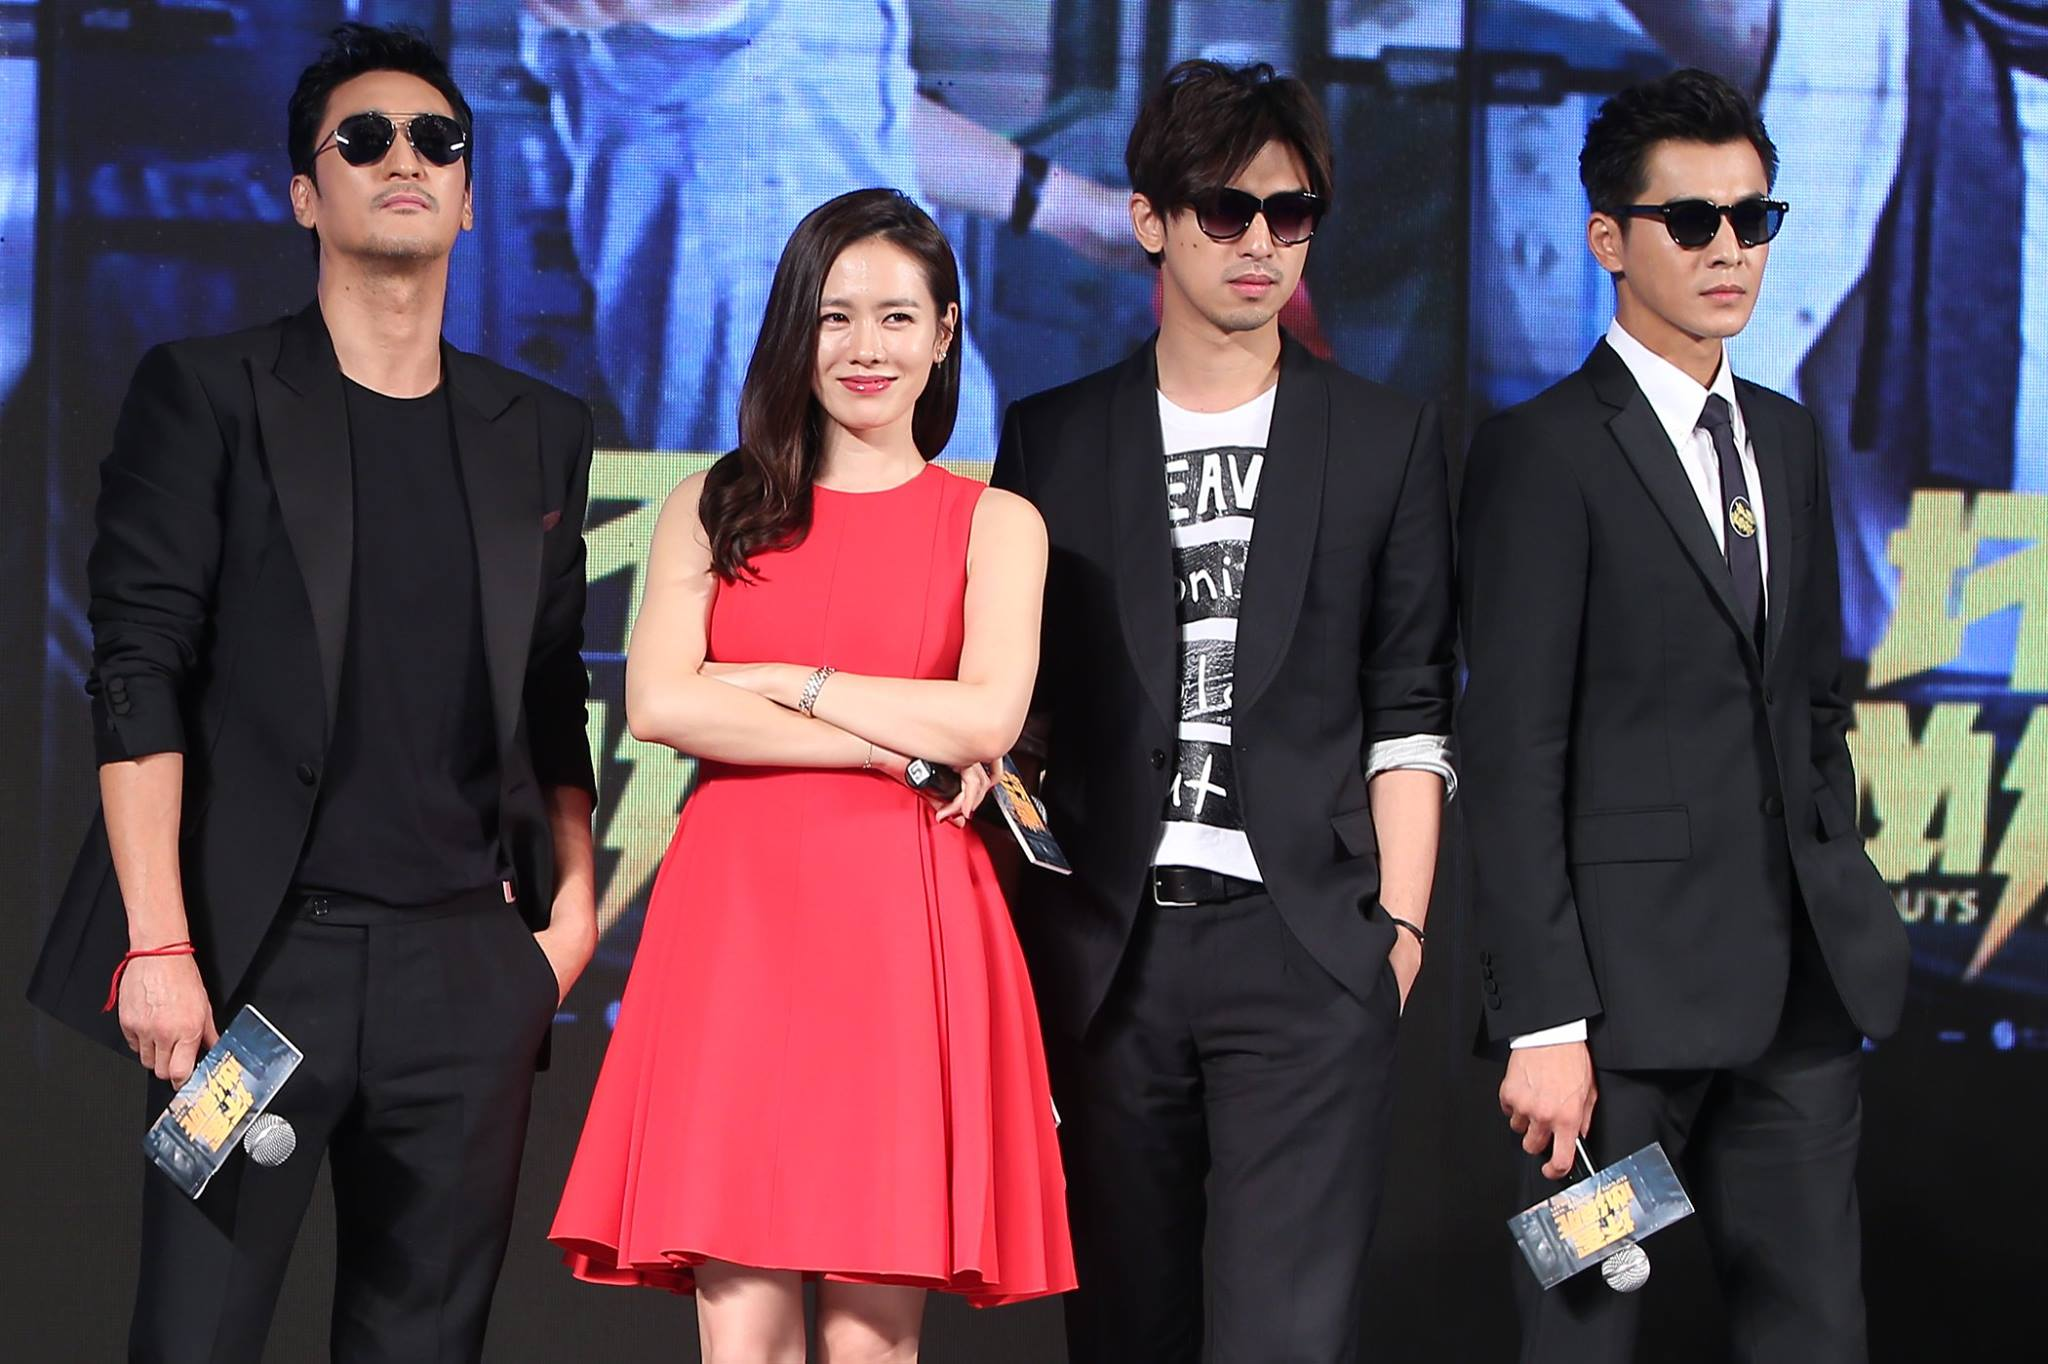 每次拍攝結束,當其他人在吃飯休息時,自己則是在飯店練習台詞,據韓國媒體報導,電影中的韓文台詞占了70%,認真敬業的態度讓劇組同事們都相當稱讚陳柏霖。